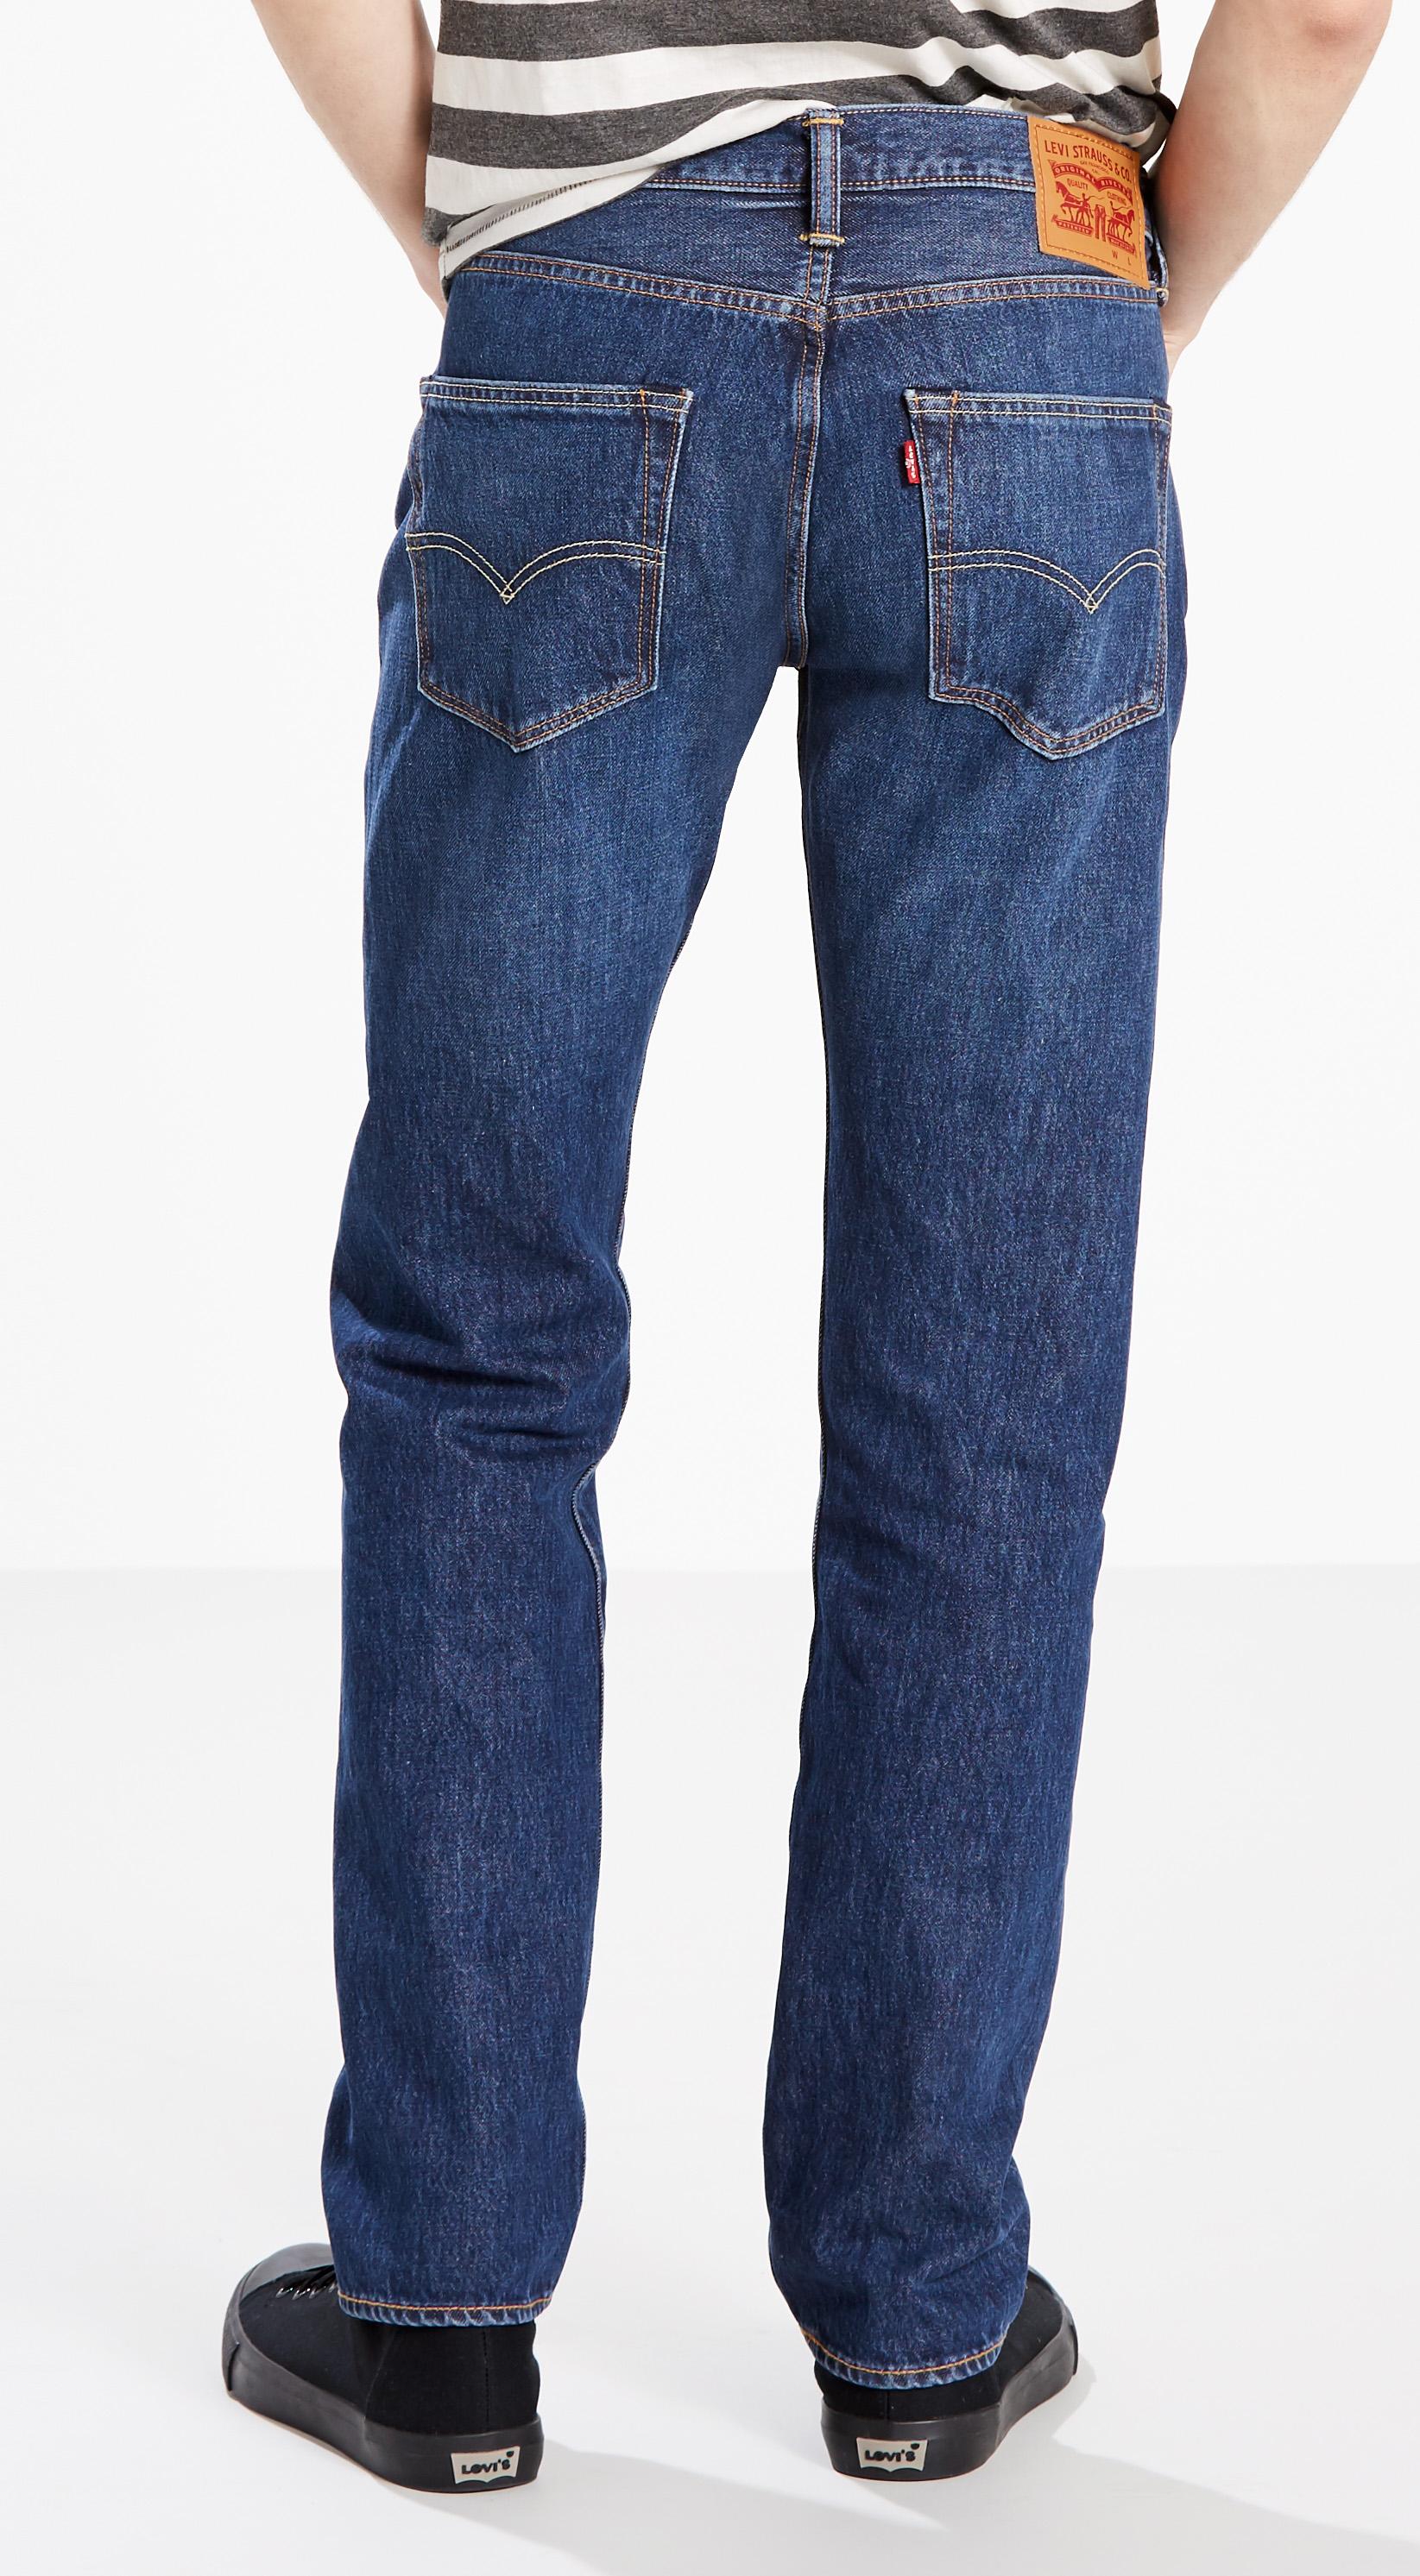 LEVIS Jeanshose Jeans 00501-2463 501 LEVIS ORIGINAL FITSUB WAYSTATION W18-LJJ1